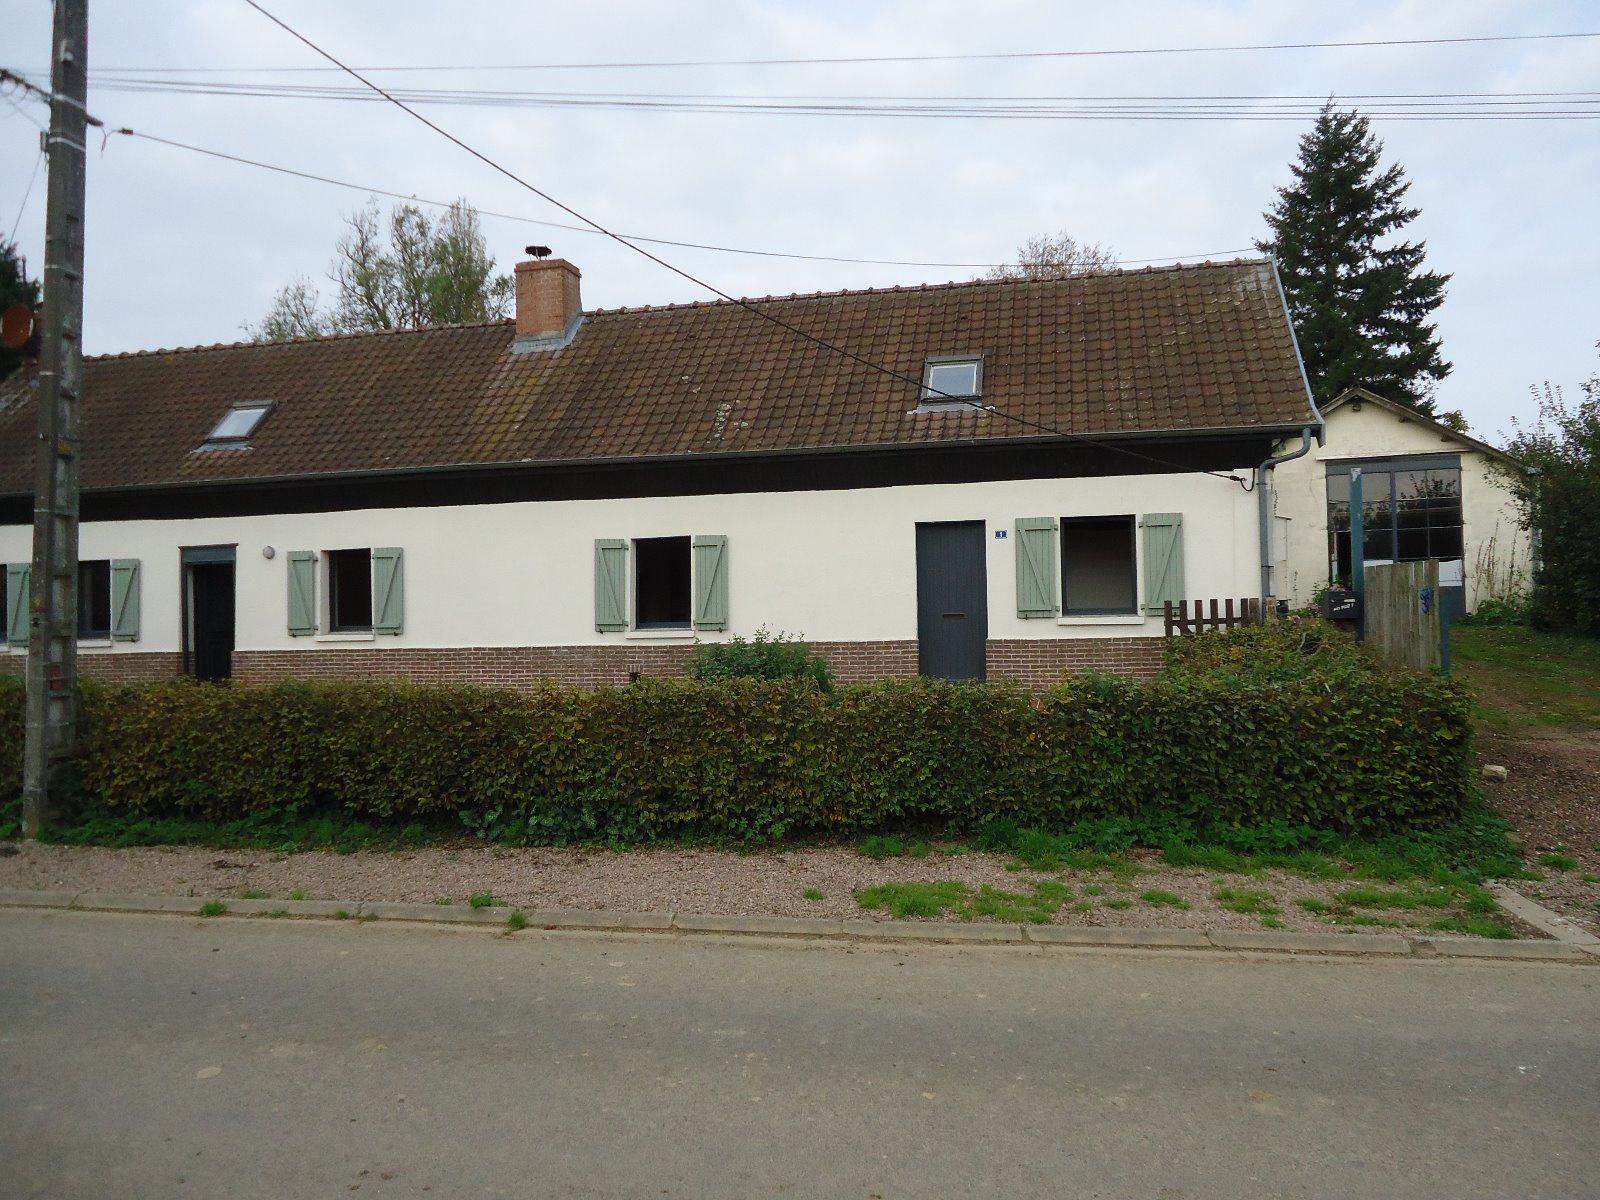 Vente maison/villa 5 pièces brevillers 80600